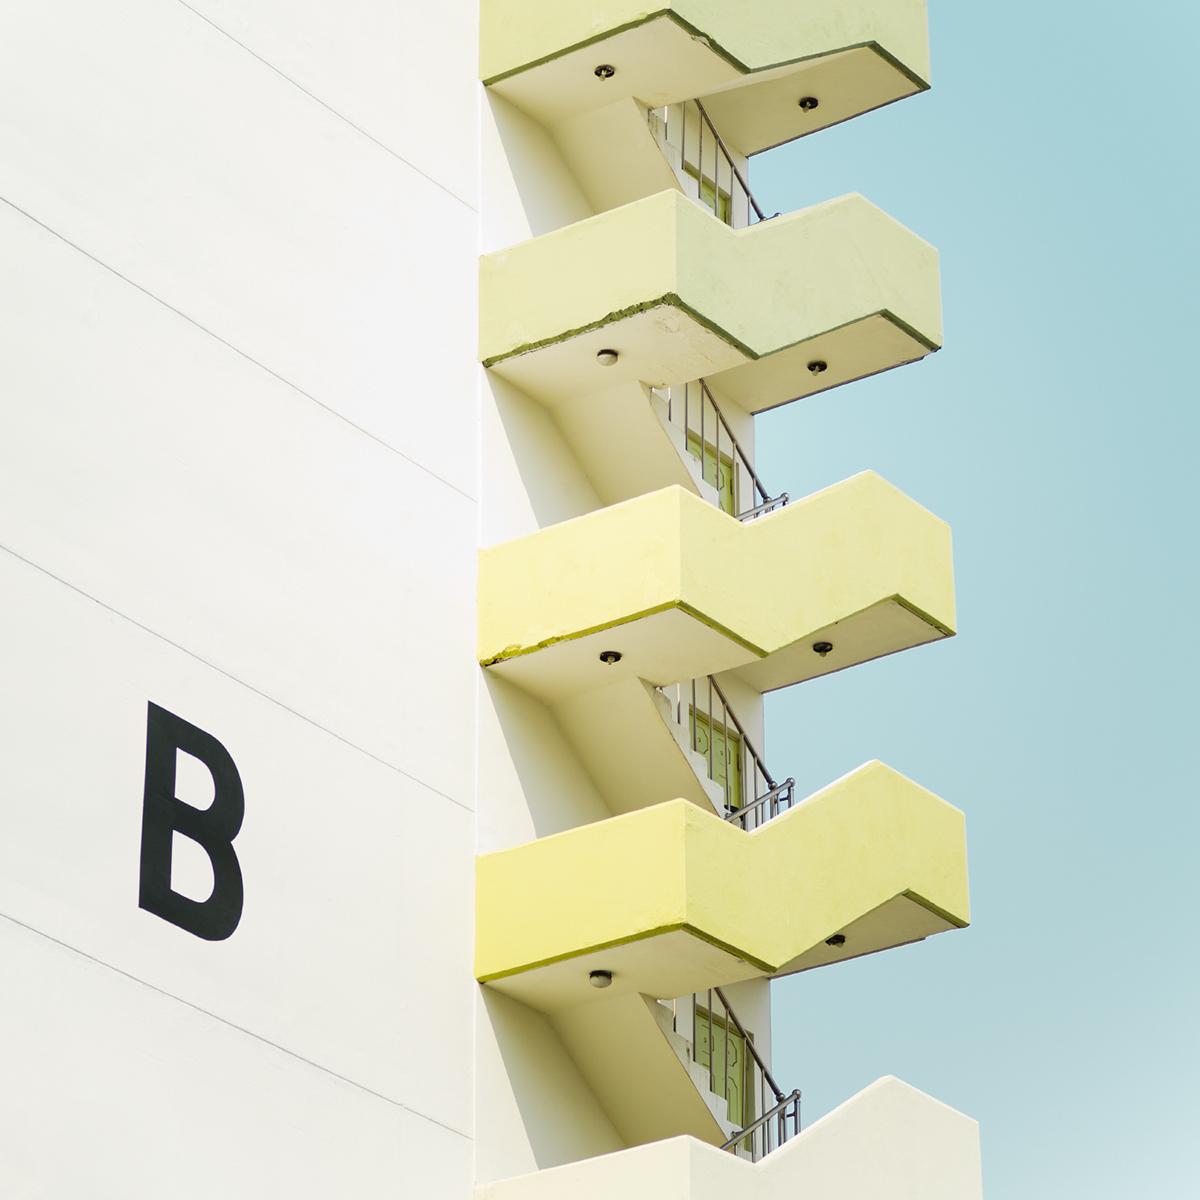 Colores y arquitectura de Matthias Heiderich 4